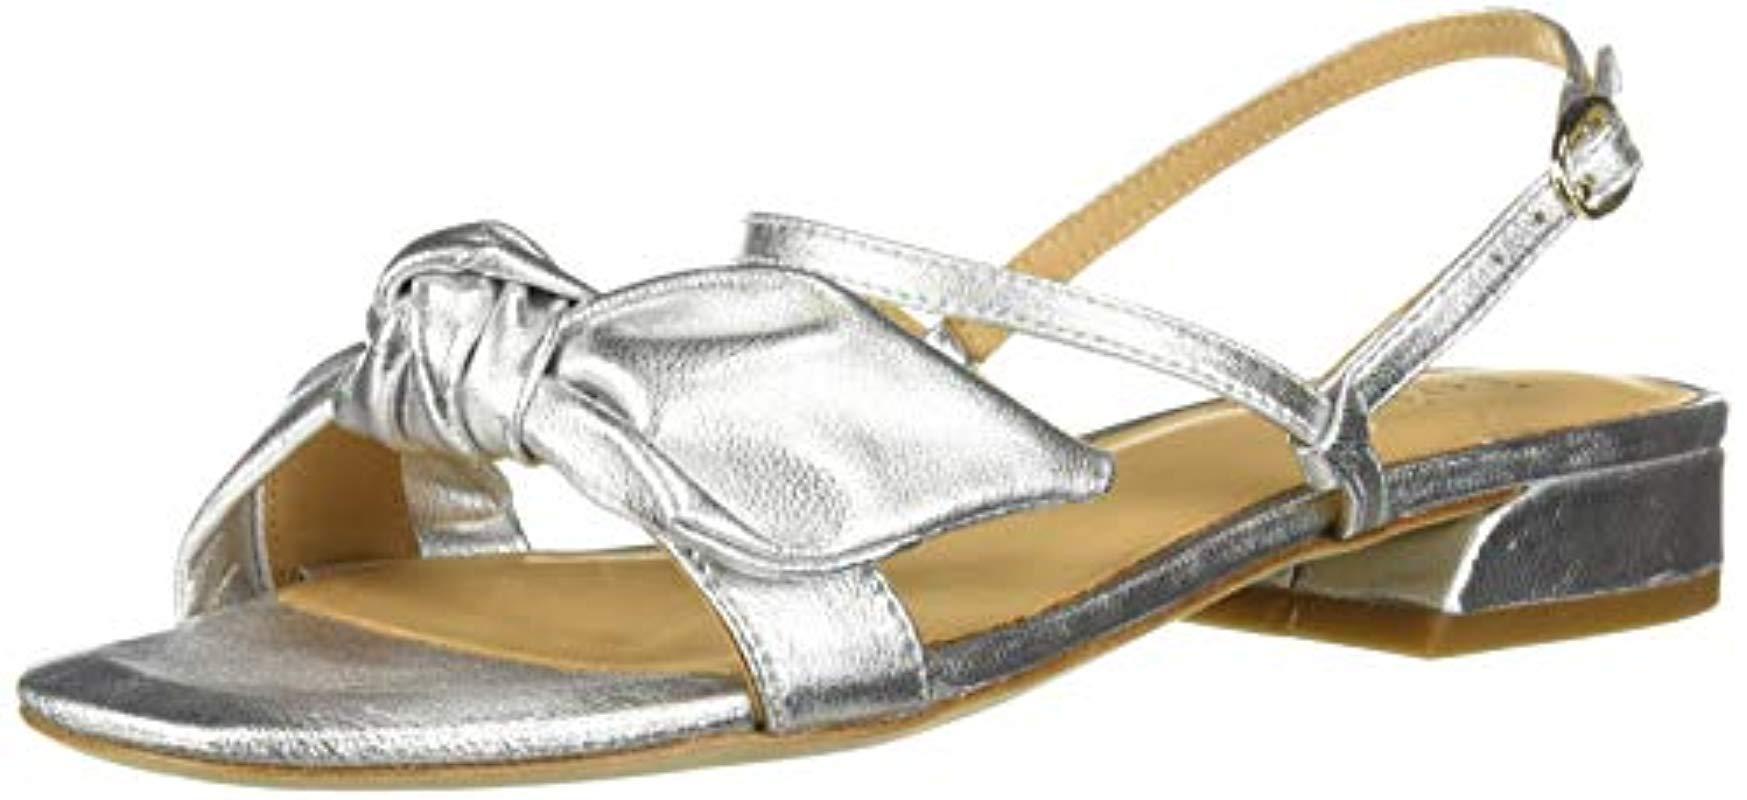 9d842417451ea Lyst - Joie Parthena Flat Sandal in Metallic